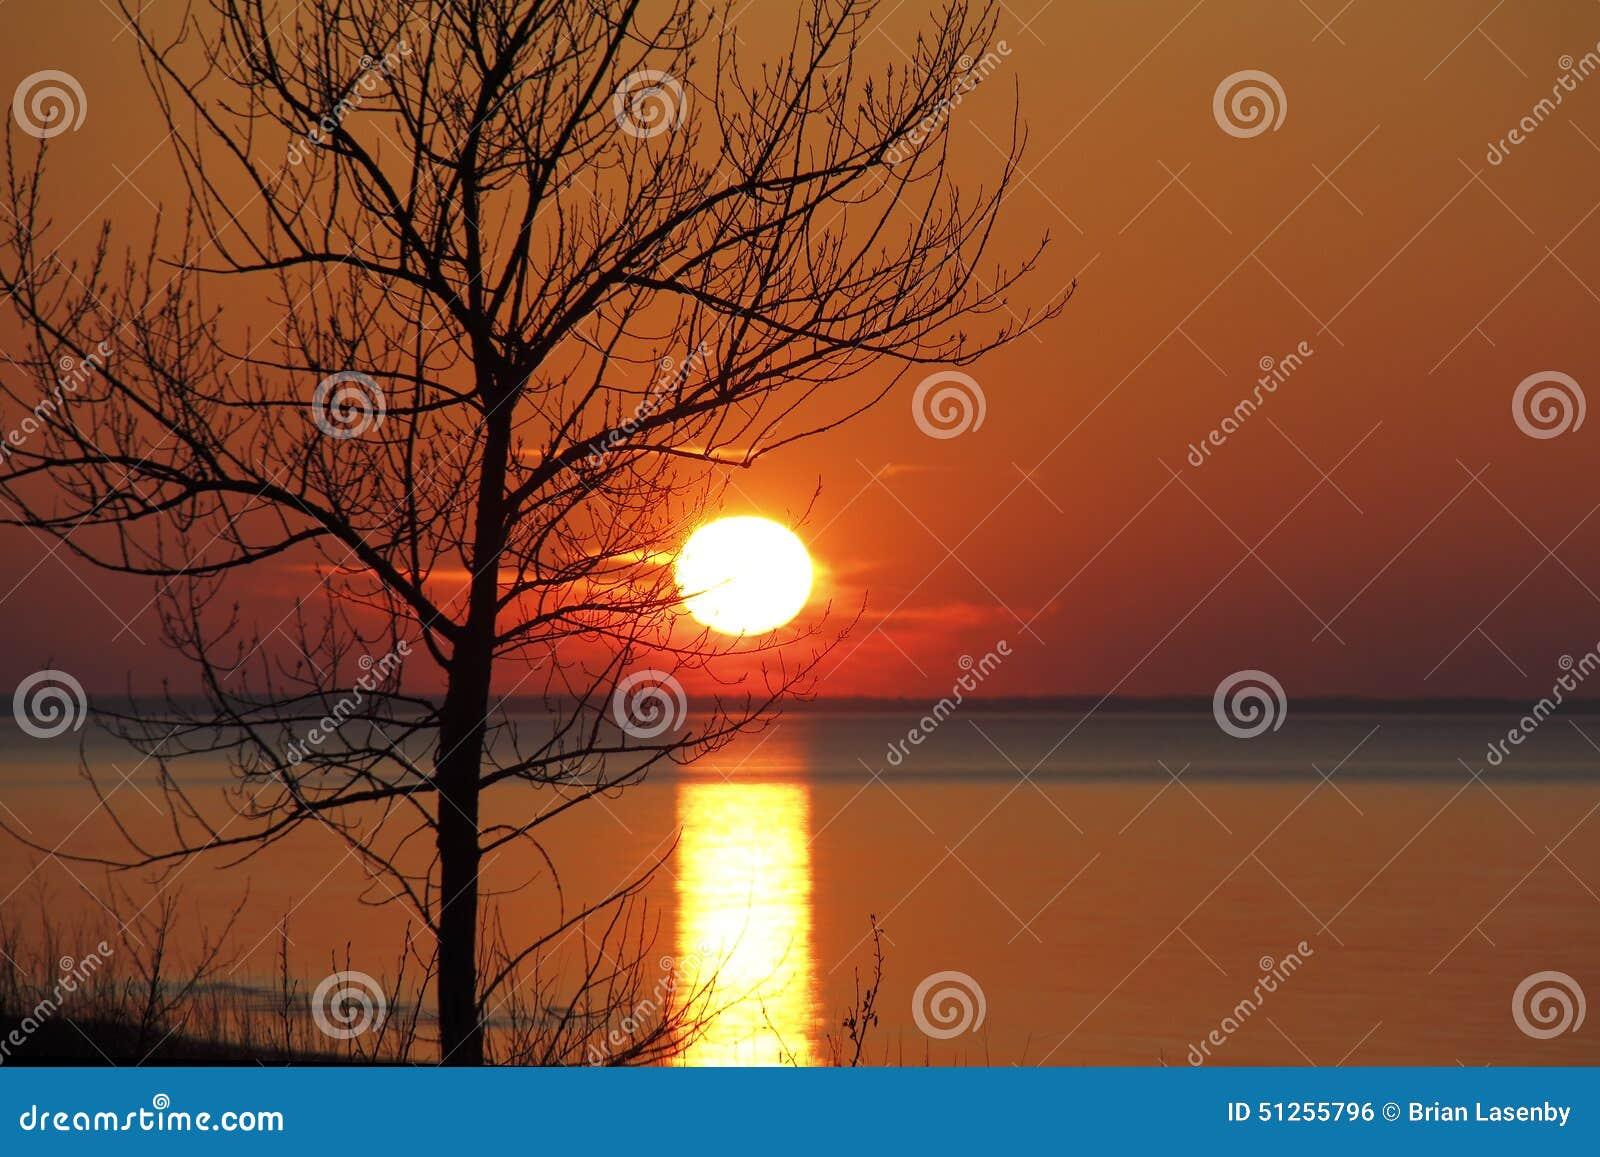 休伦湖日落现出轮廓的秋天树